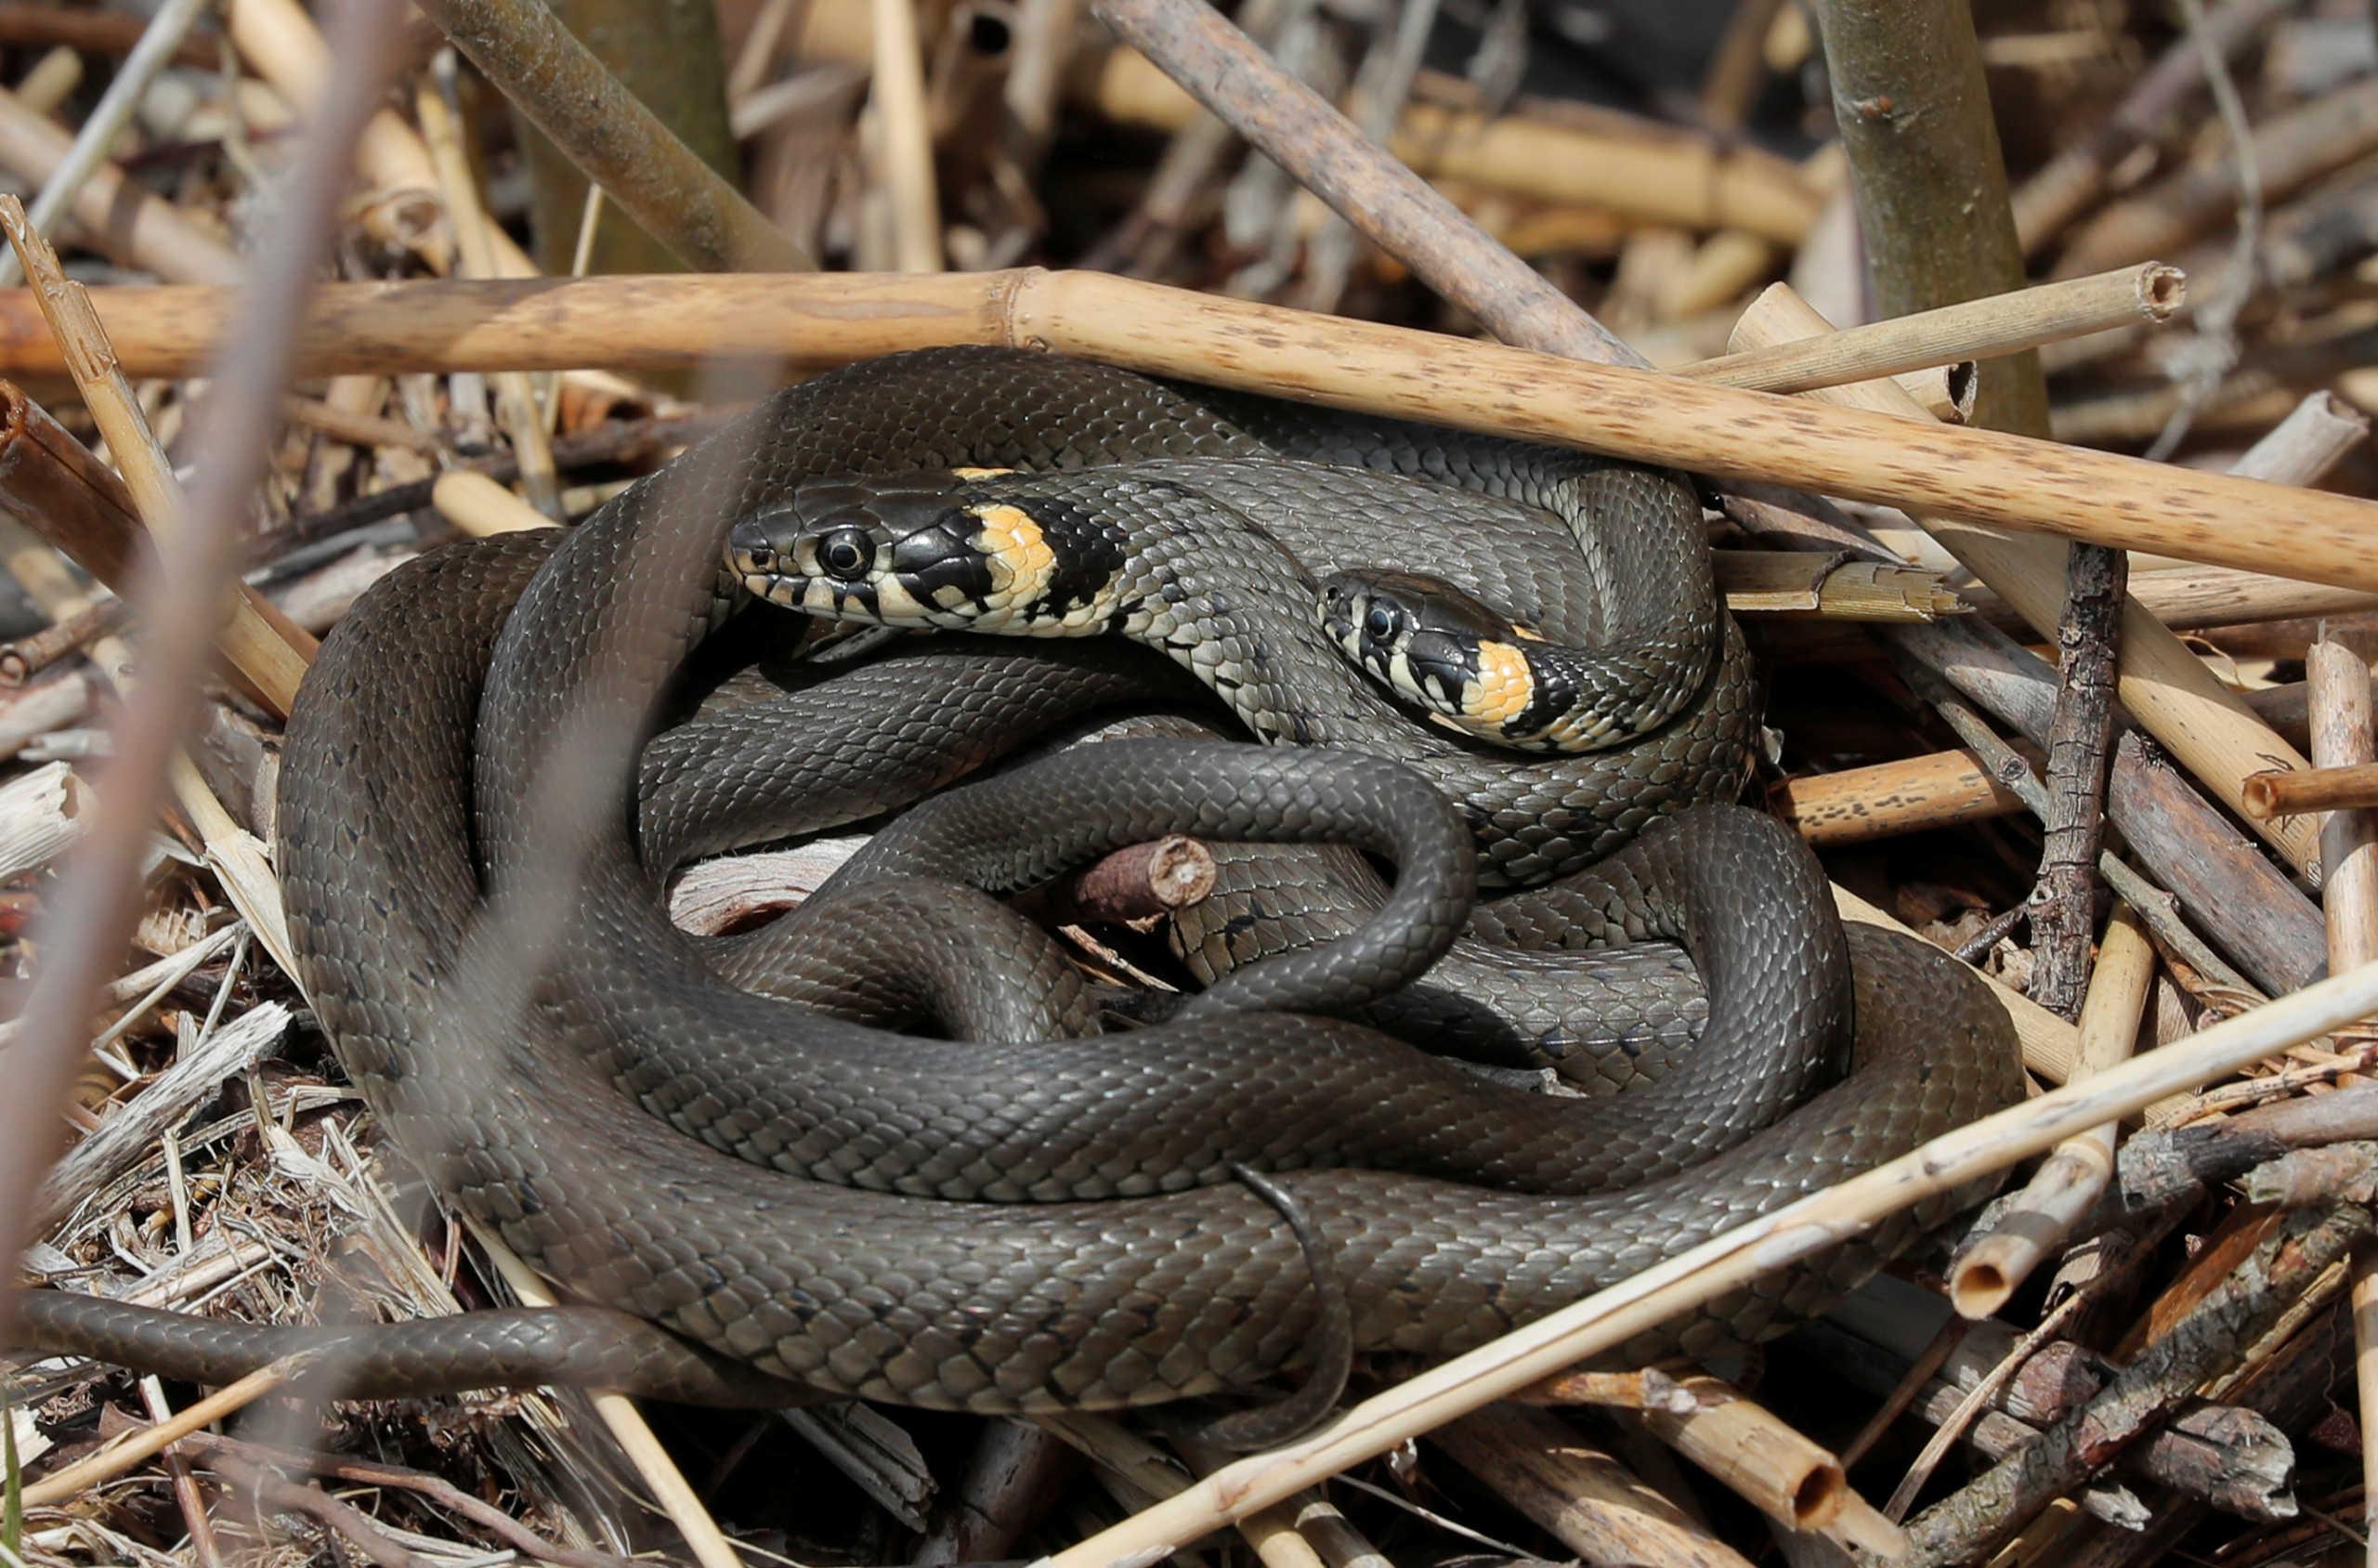 Μελέτη: Οι άνθρωποι θα μπορούσαν να γίνουν κυριολεκτικά δηλητηριώδεις όπως… τα φίδια